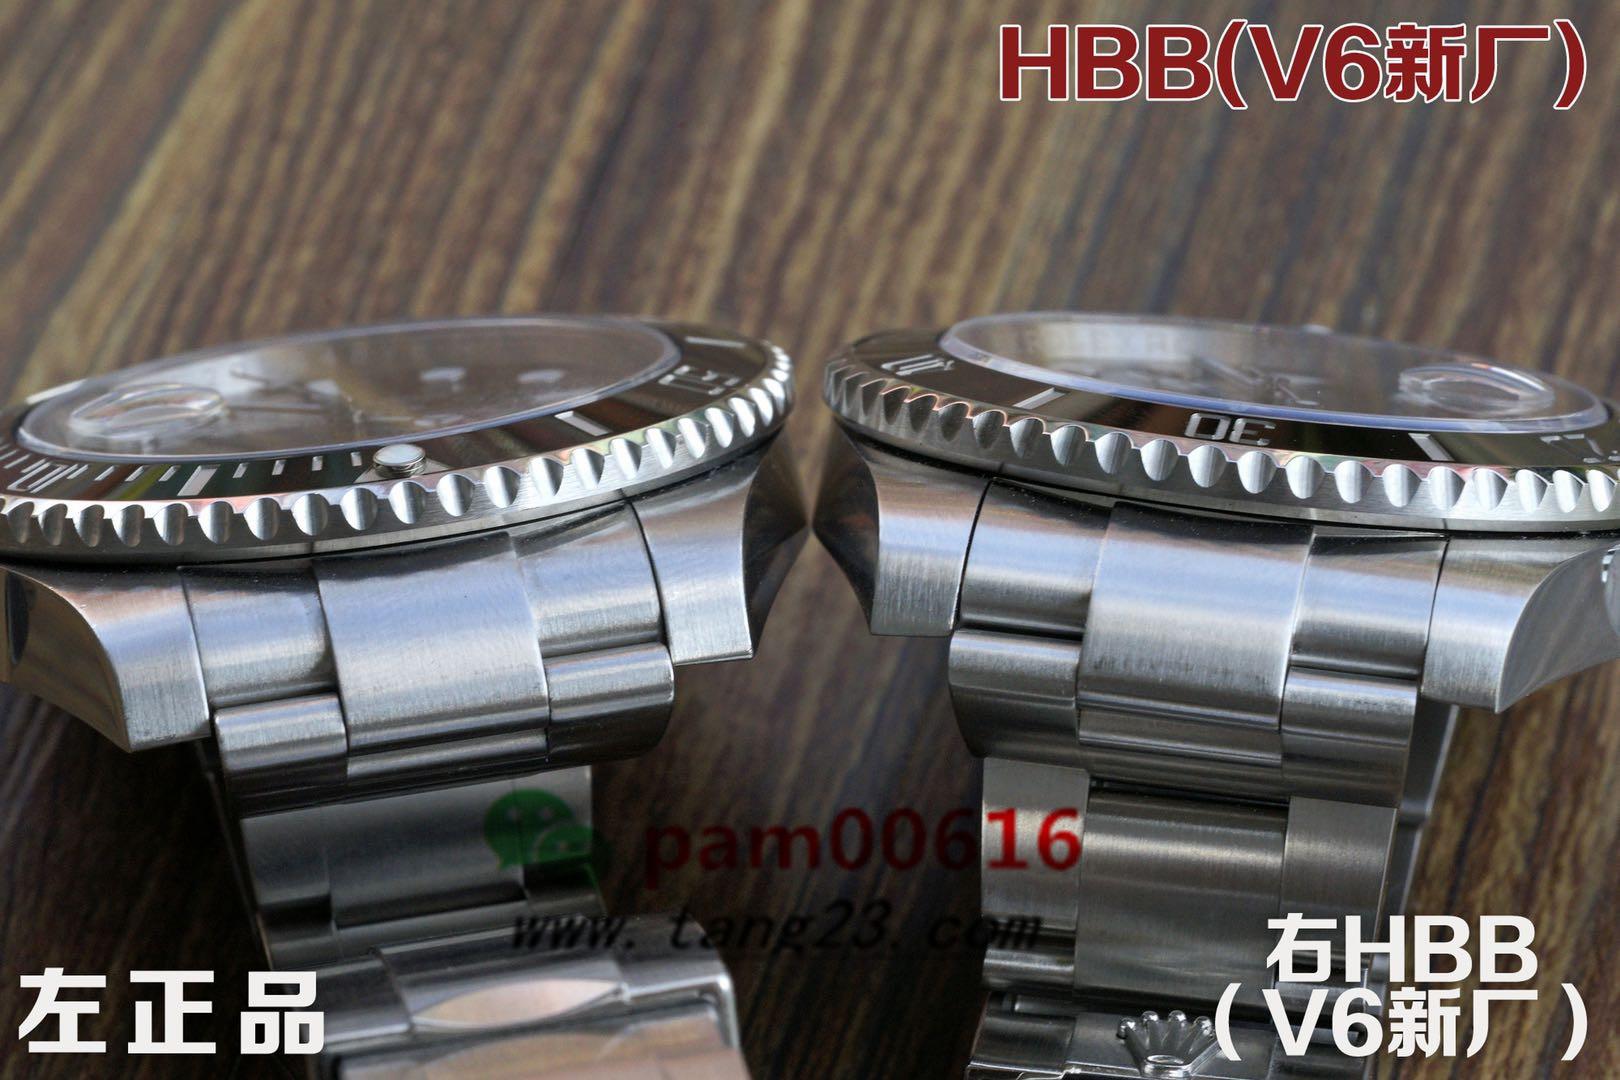 首发2020年HBBv6厂新版完美做工劳力士水鬼,打破市场常规品质